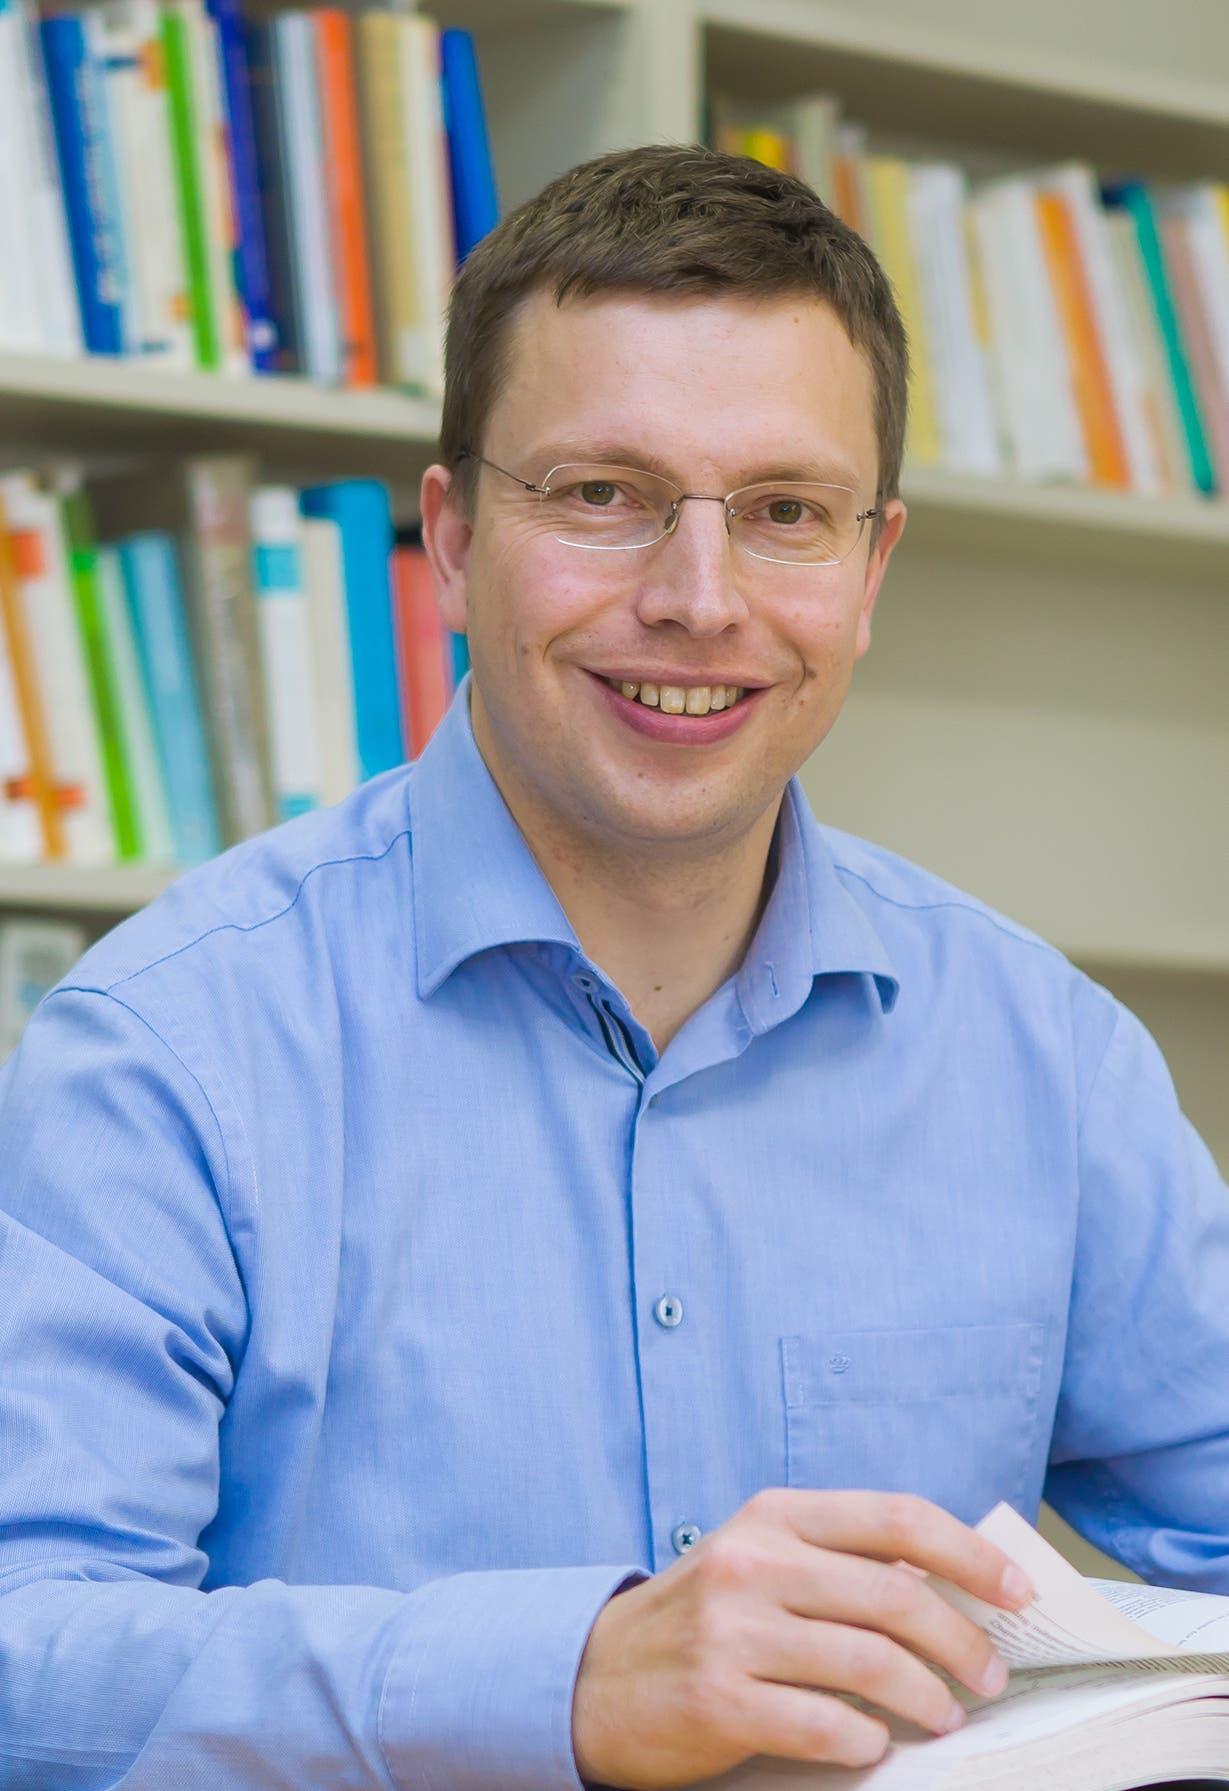 Hannes Zacher (Jahrgang 1979), Professor für Arbeits- und Organisationspsychologie an der Universität Leipzig